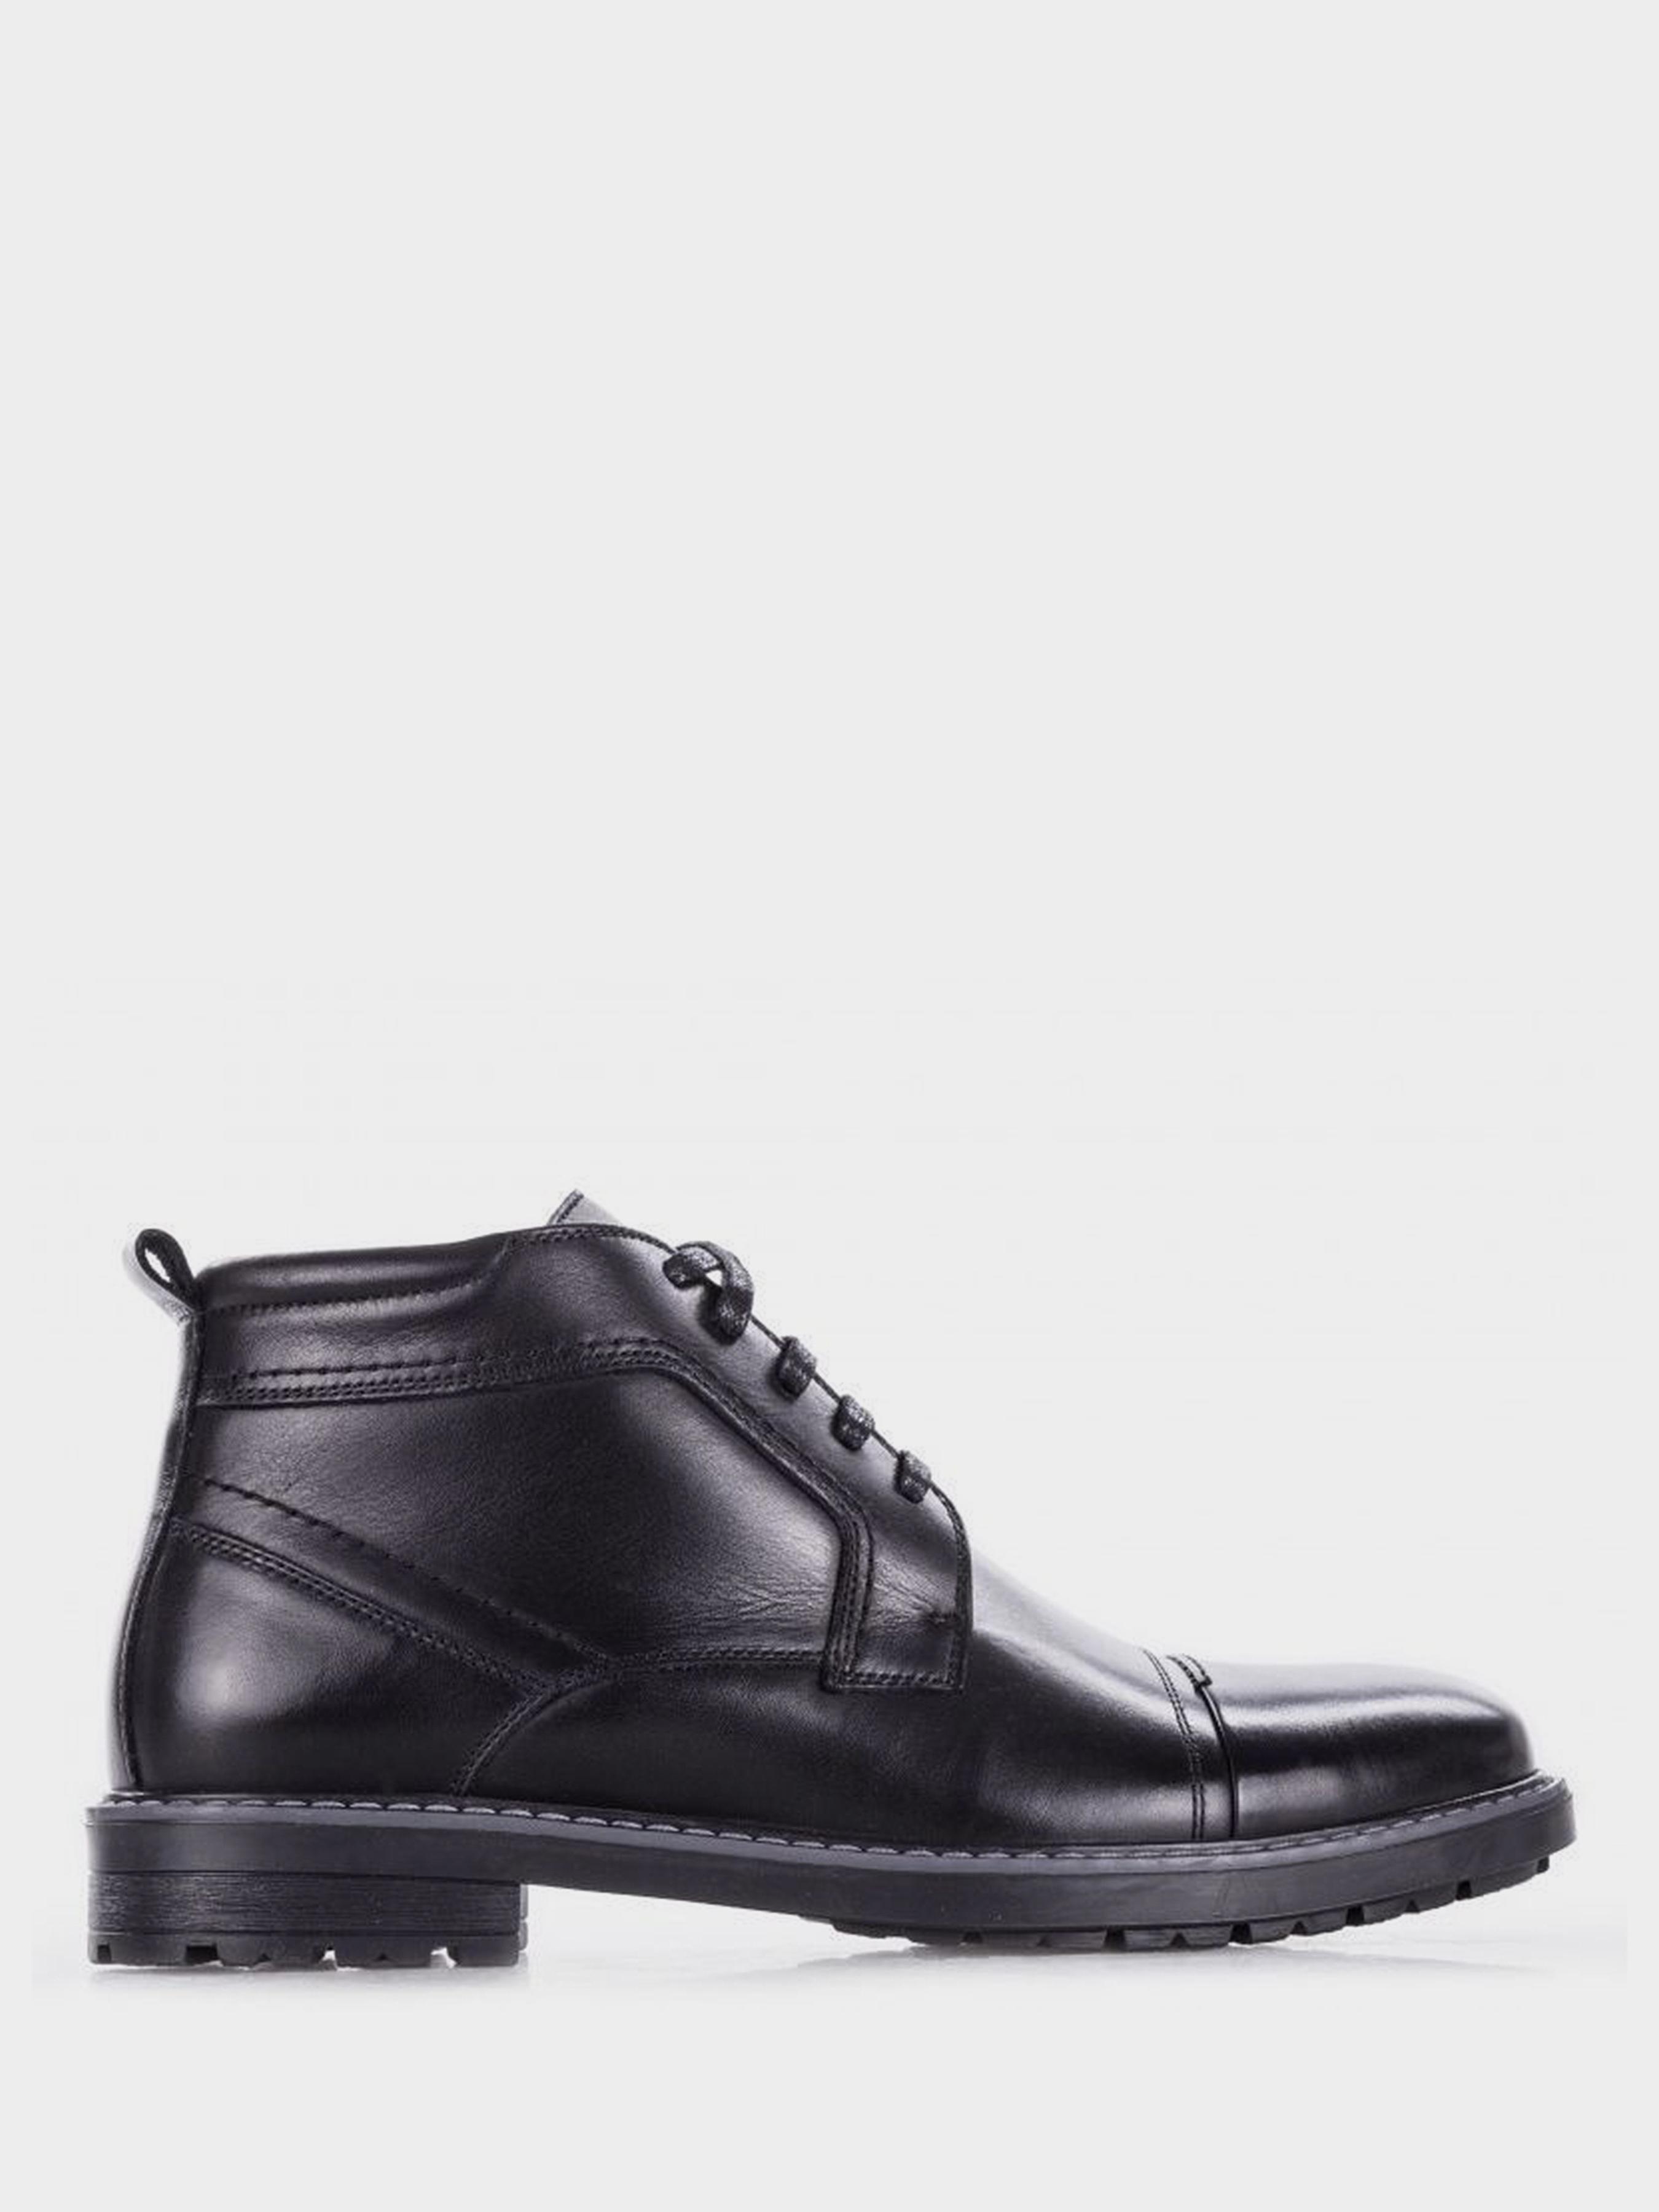 Ботинки мужские Braska 8B86 цена обуви, 2017